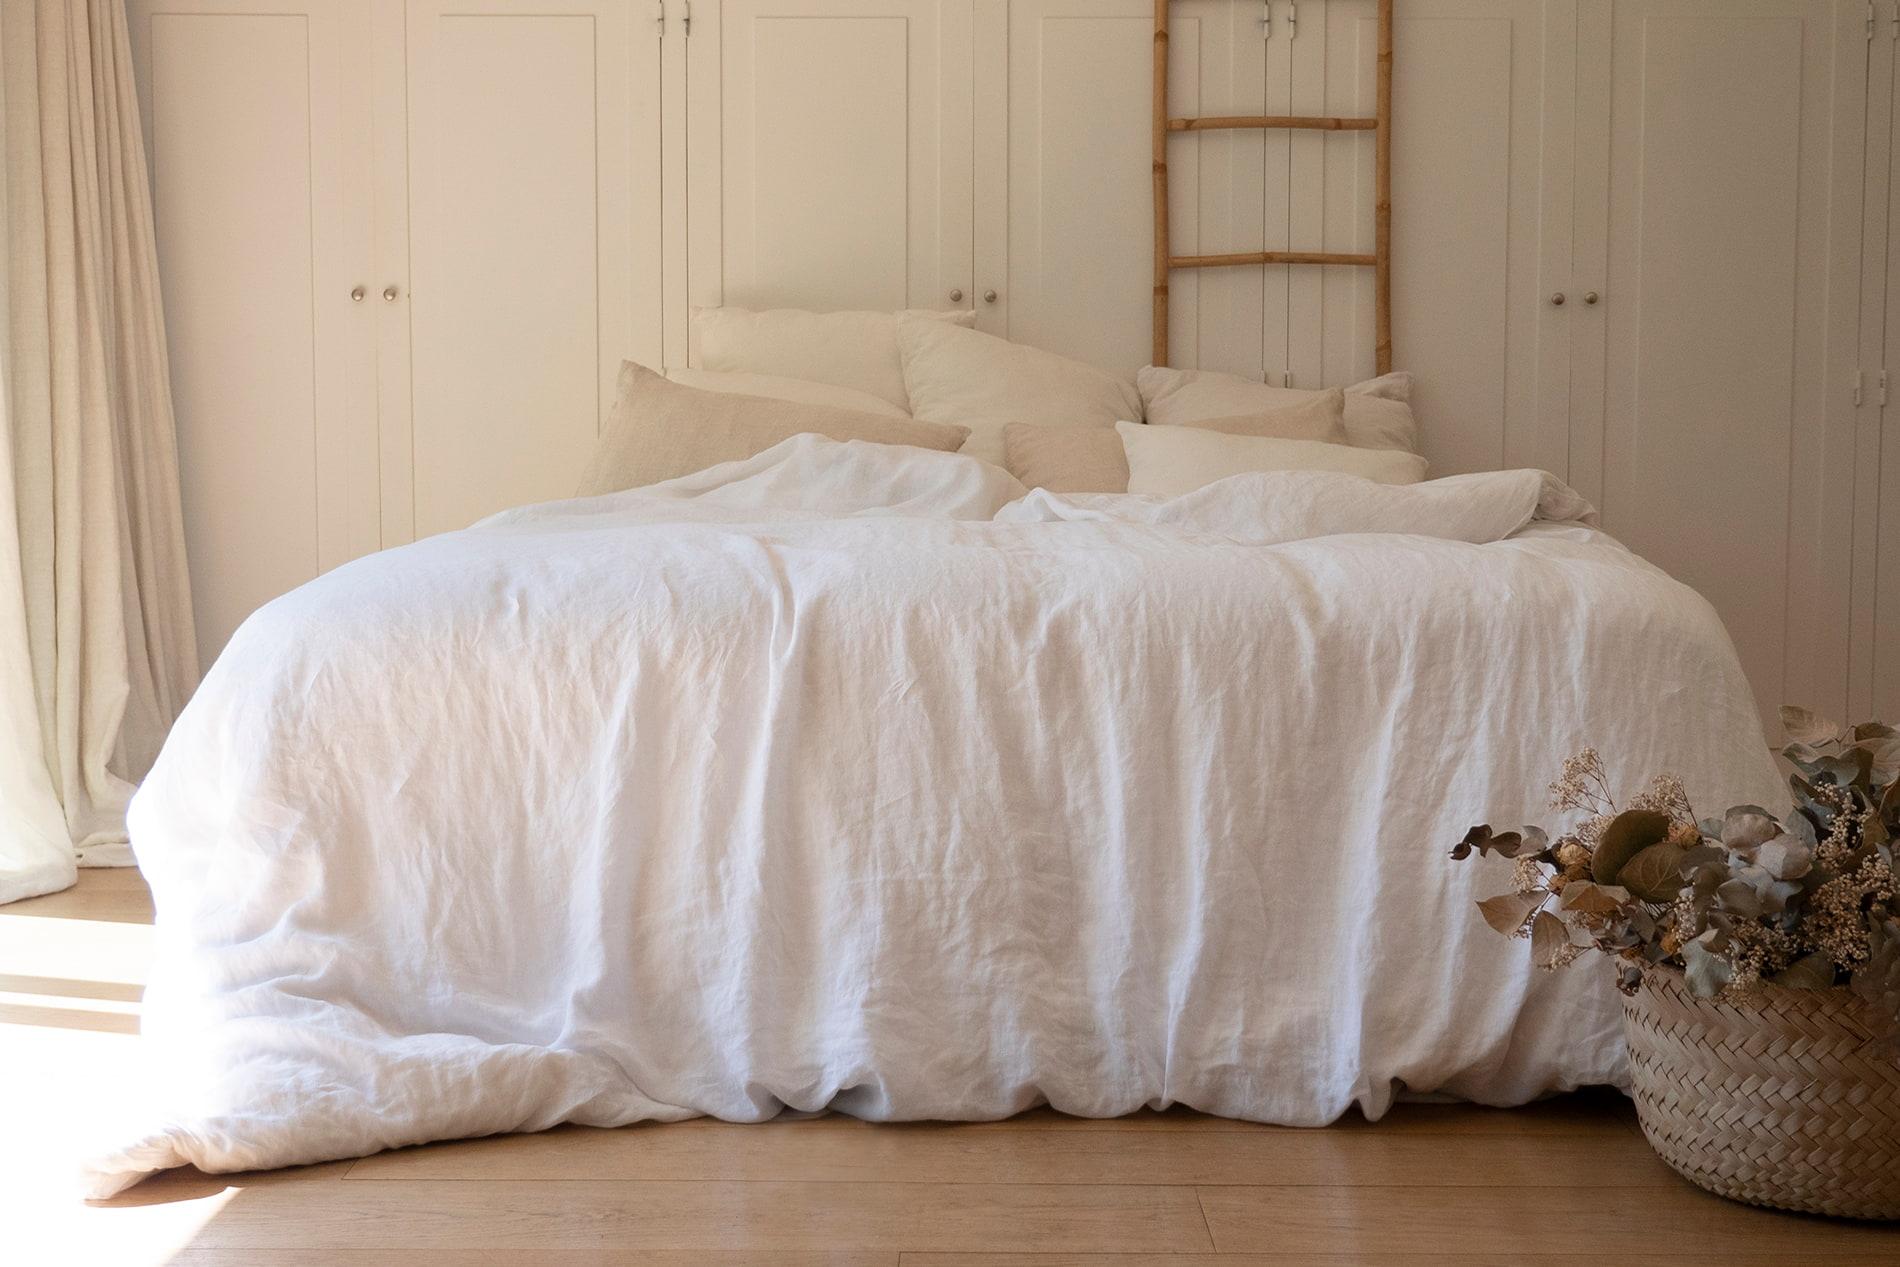 BLANC NATURE - Parure de lit en lin lavé blanc 240x220 cm